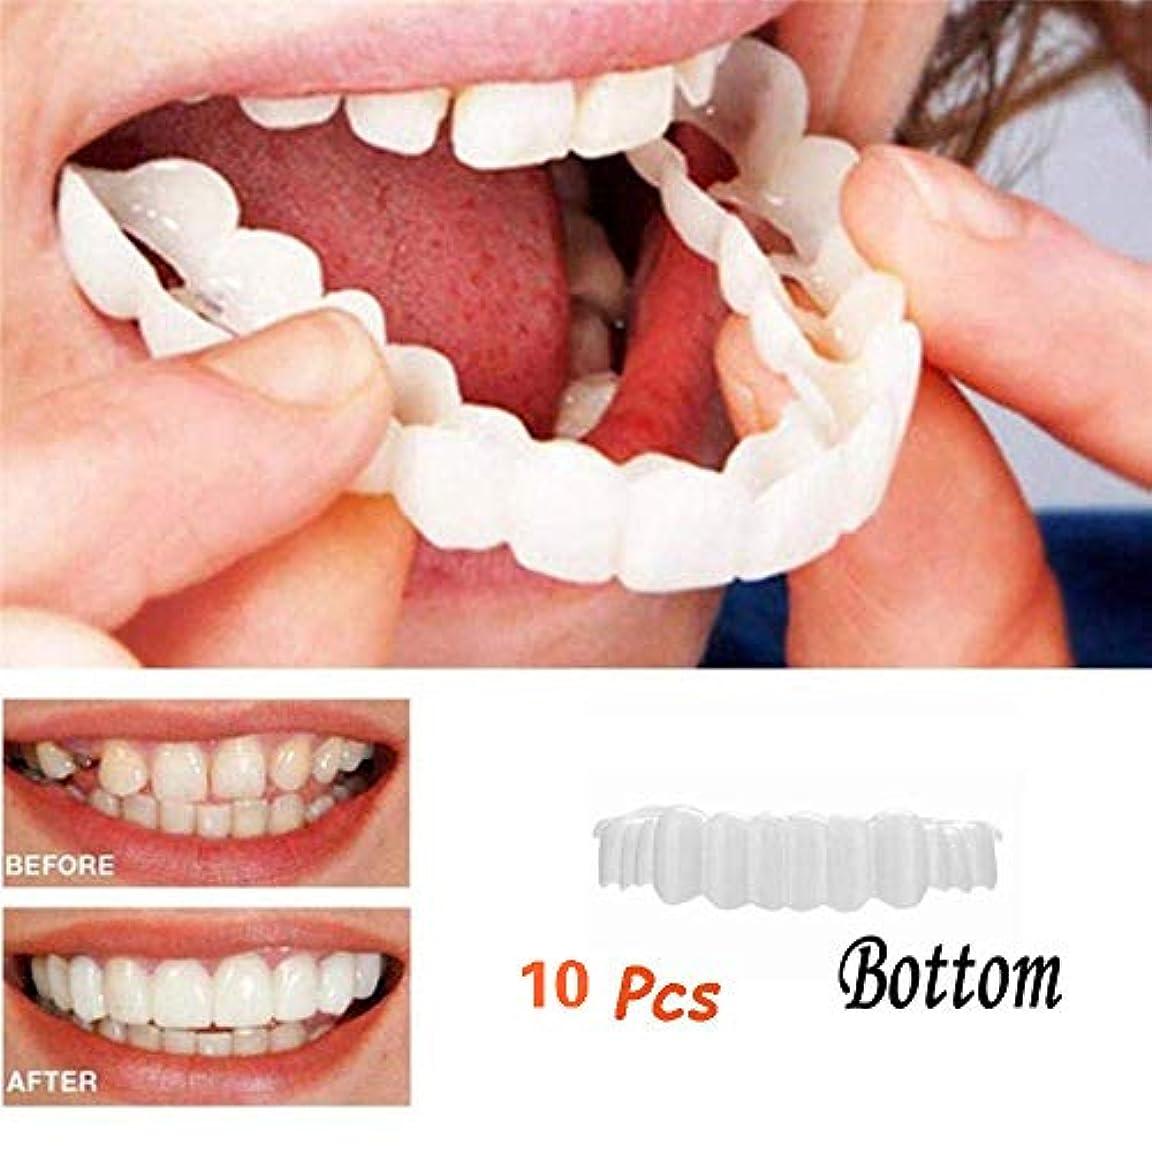 凶暴な付添人歩道10ピース化粧品歯化粧品歯科スナップインスタントパーフェクトスマイルコンフォートフィットフレックス歯白い歯カバーフィットほとんどの偽底歯